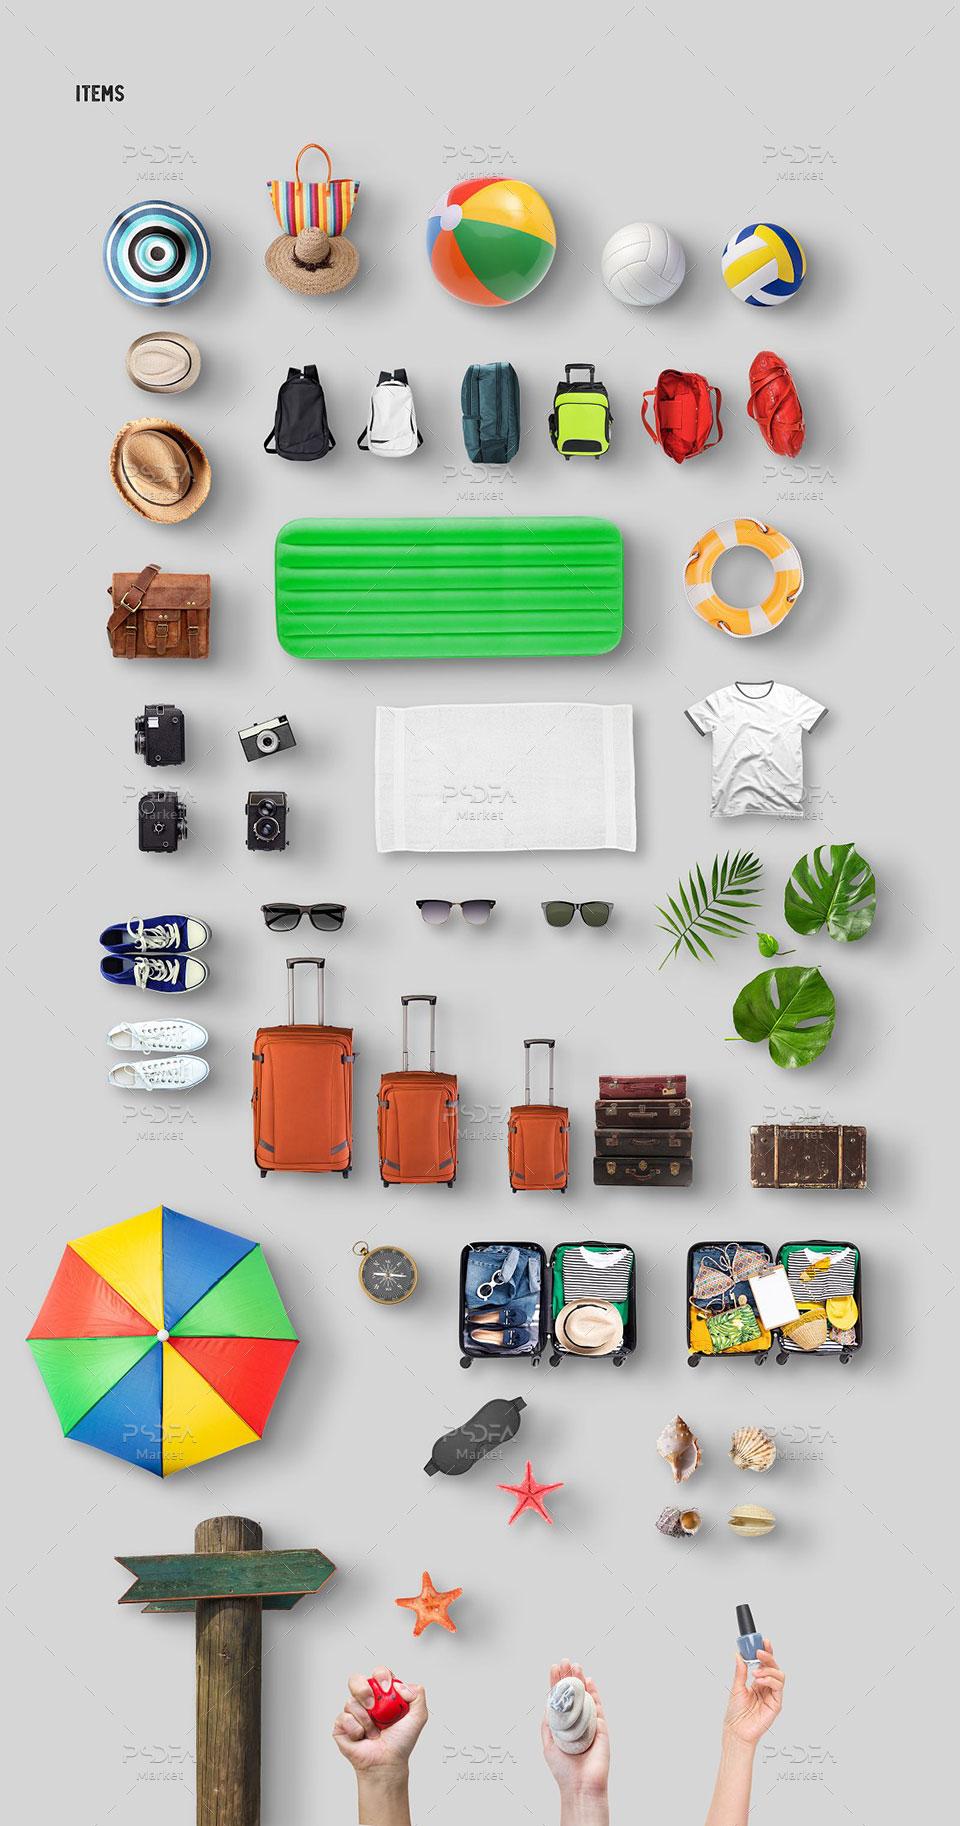 جعبه ابزار ساخت موکاپ بنر و صحنههای ساحلی و تابستانی